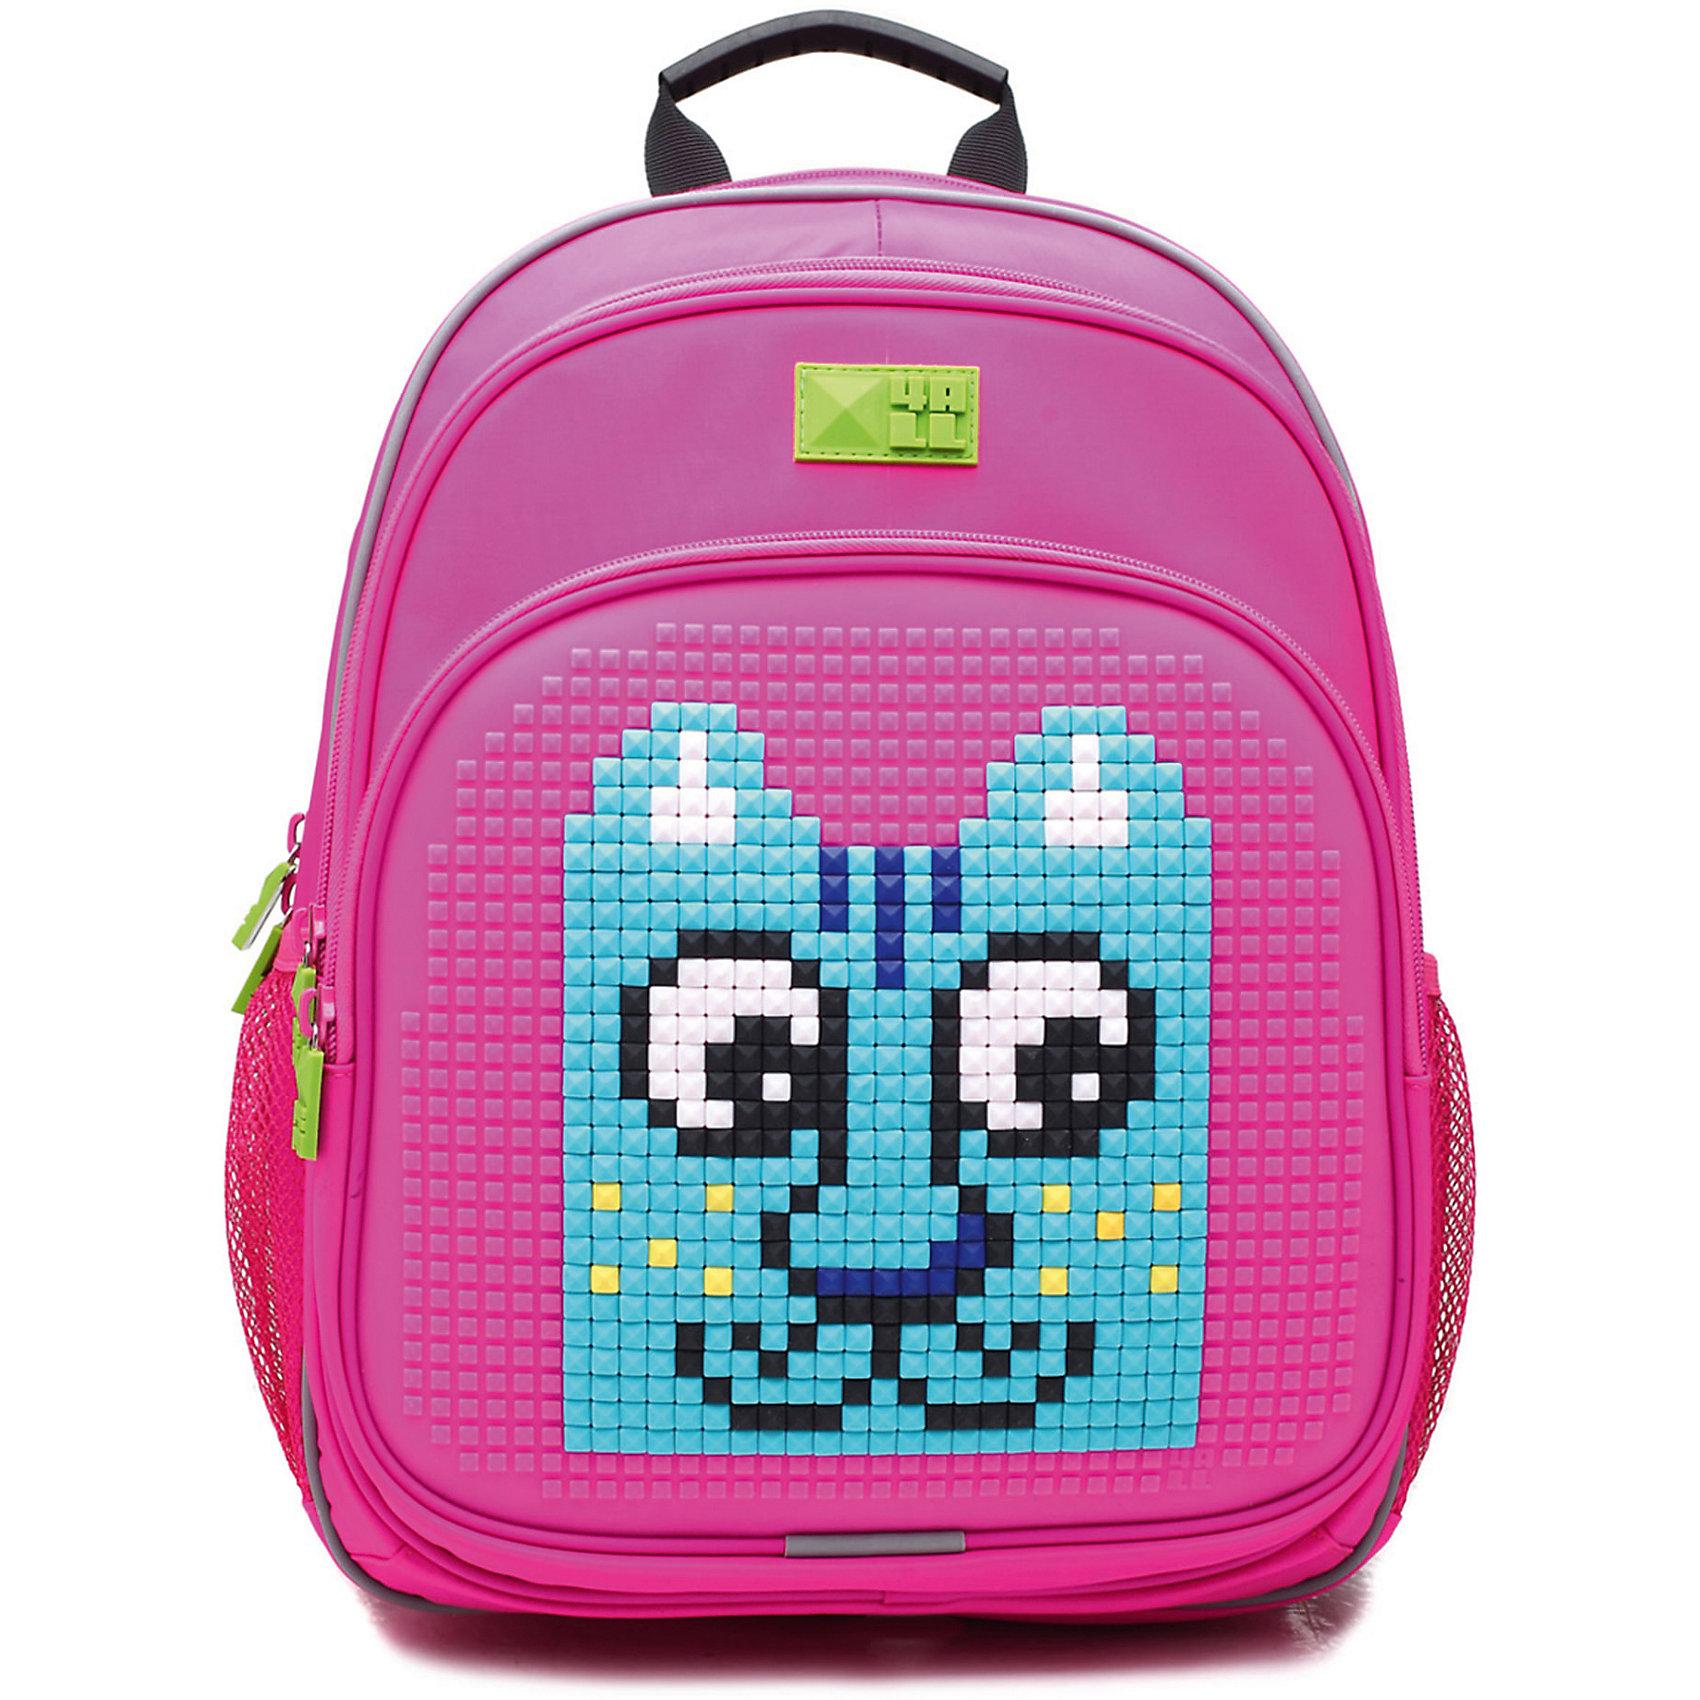 Рюкзак 4ALL, линия Kids, розовыйРюкзаки<br>Ортопедический рюкзак 4ALL для детей от 7 до 12 лет. Размер  39*27*15см. Вес 950 г. Объем 19 литров. Тип застежки - молния. 3 отделения. 2 боковых кармана-сеточка. Содержит светоотражающие элементы.Вмещает А4. Выполнен из высококачественных материалов: PVC, нейлон и гипоаллергенный силикон (на передней поверхности). Ортопедическая спинка и ERGO system (сводобная циркуляция воздуха). Дно мягкое. Регулируемые лямки. Передняя панель предназначена для декорирования. В комплекте каждого рюкзака приложена картинка и набор Битов STANDART (около 300 элементов из силикона различных цветов)<br><br>Ширина мм: 390<br>Глубина мм: 270<br>Высота мм: 150<br>Вес г: 950<br>Возраст от месяцев: 72<br>Возраст до месяцев: 144<br>Пол: Женский<br>Возраст: Детский<br>SKU: 6840942